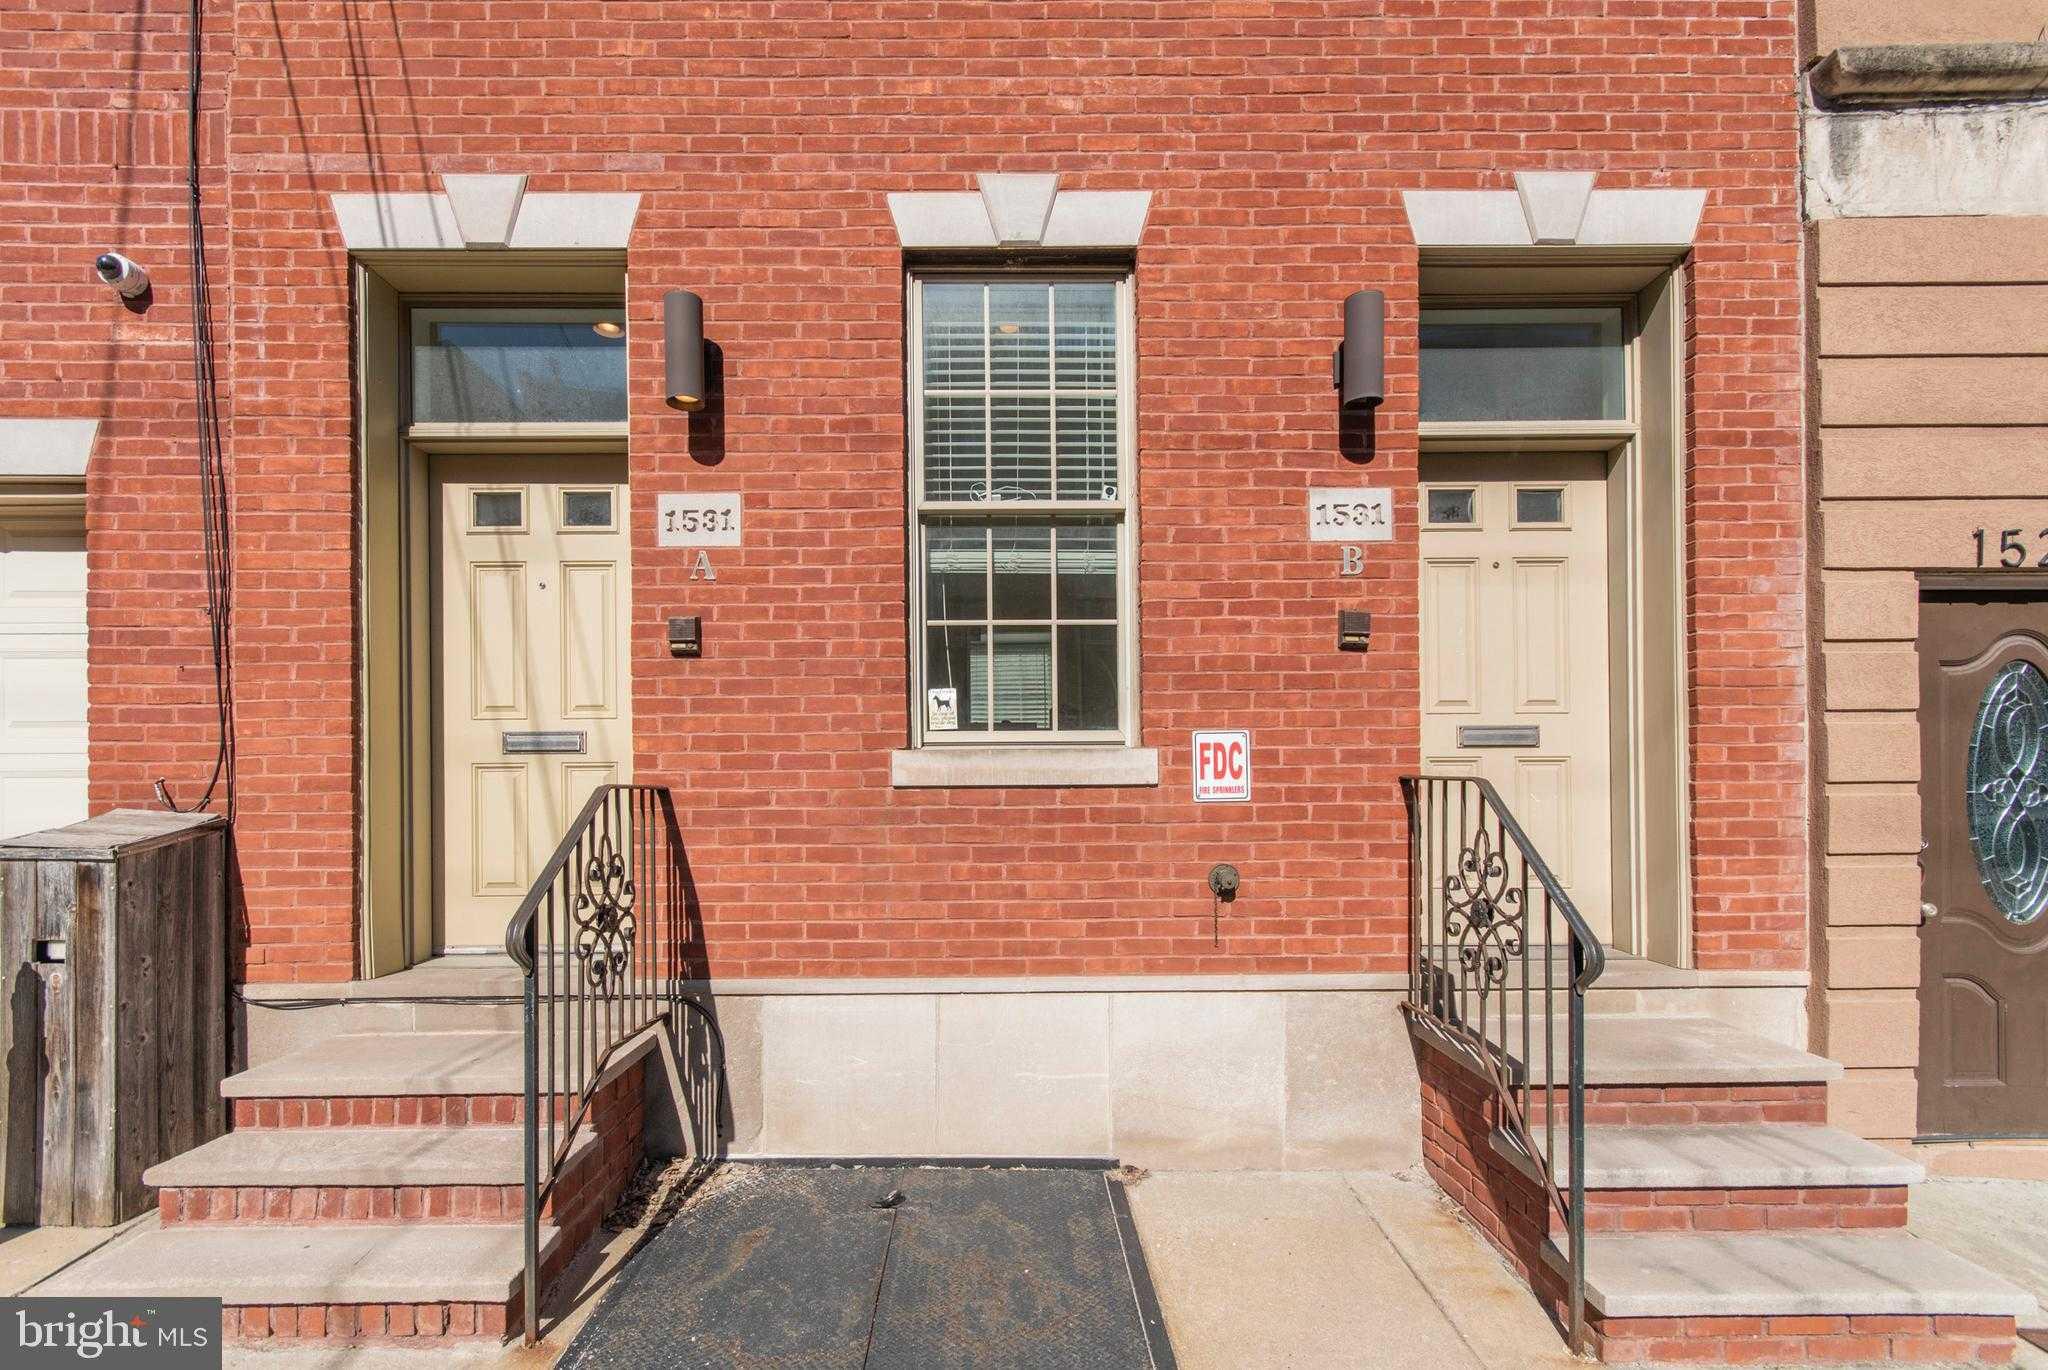 $599,000 - 2Br/3Ba -  for Sale in Graduate Hospital, Philadelphia